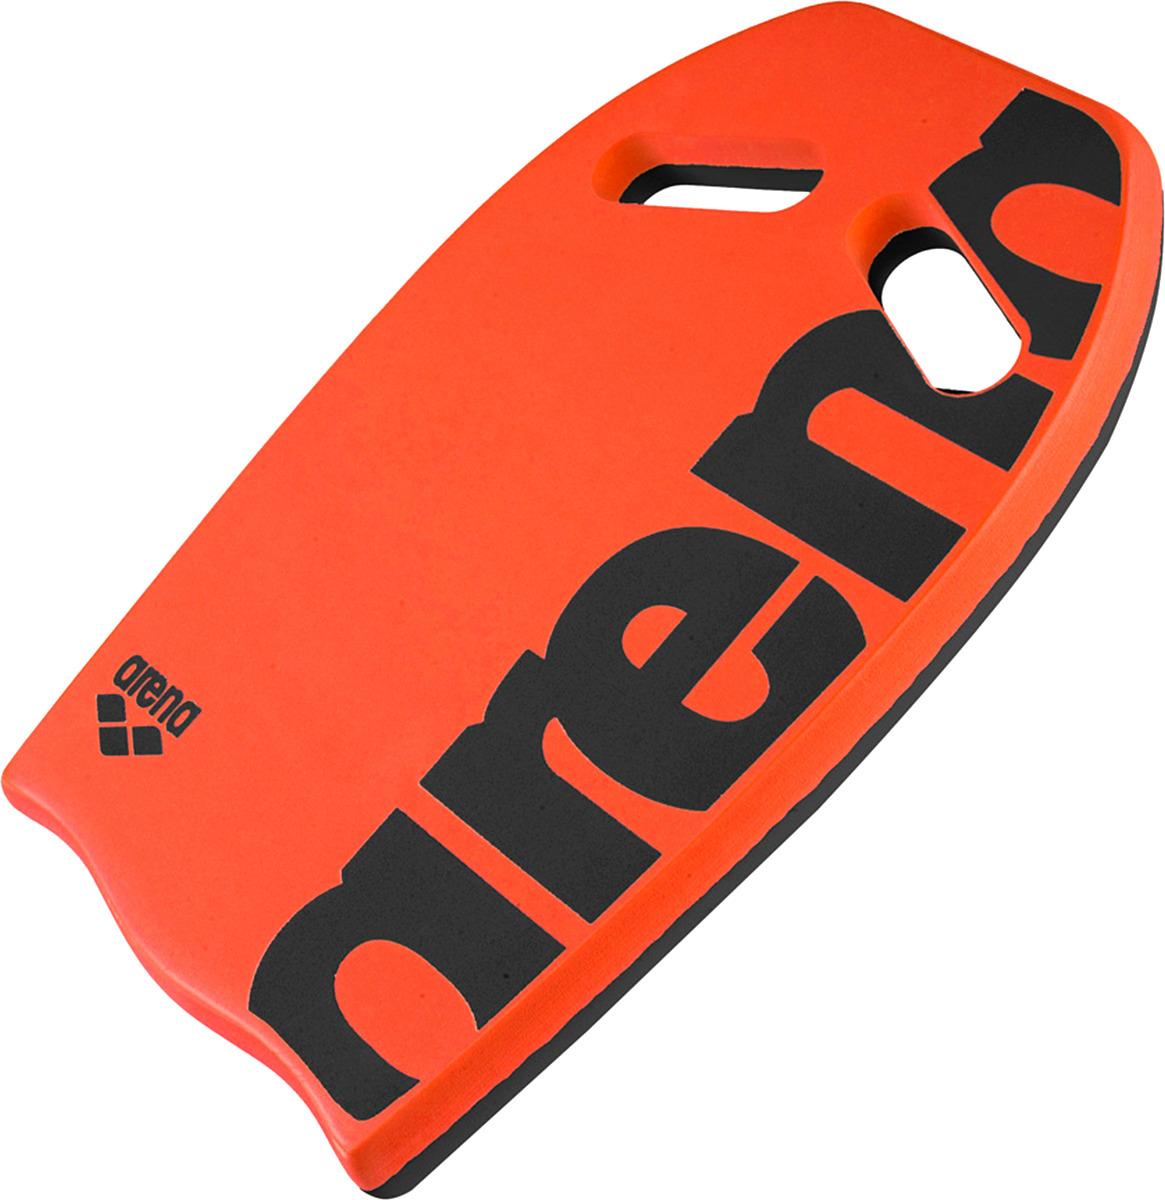 Доска для плавания Arena Kickboard, цвет: оранжевый. 95275 30 накидка тренировочная mitre цвет оранжевый размер 122